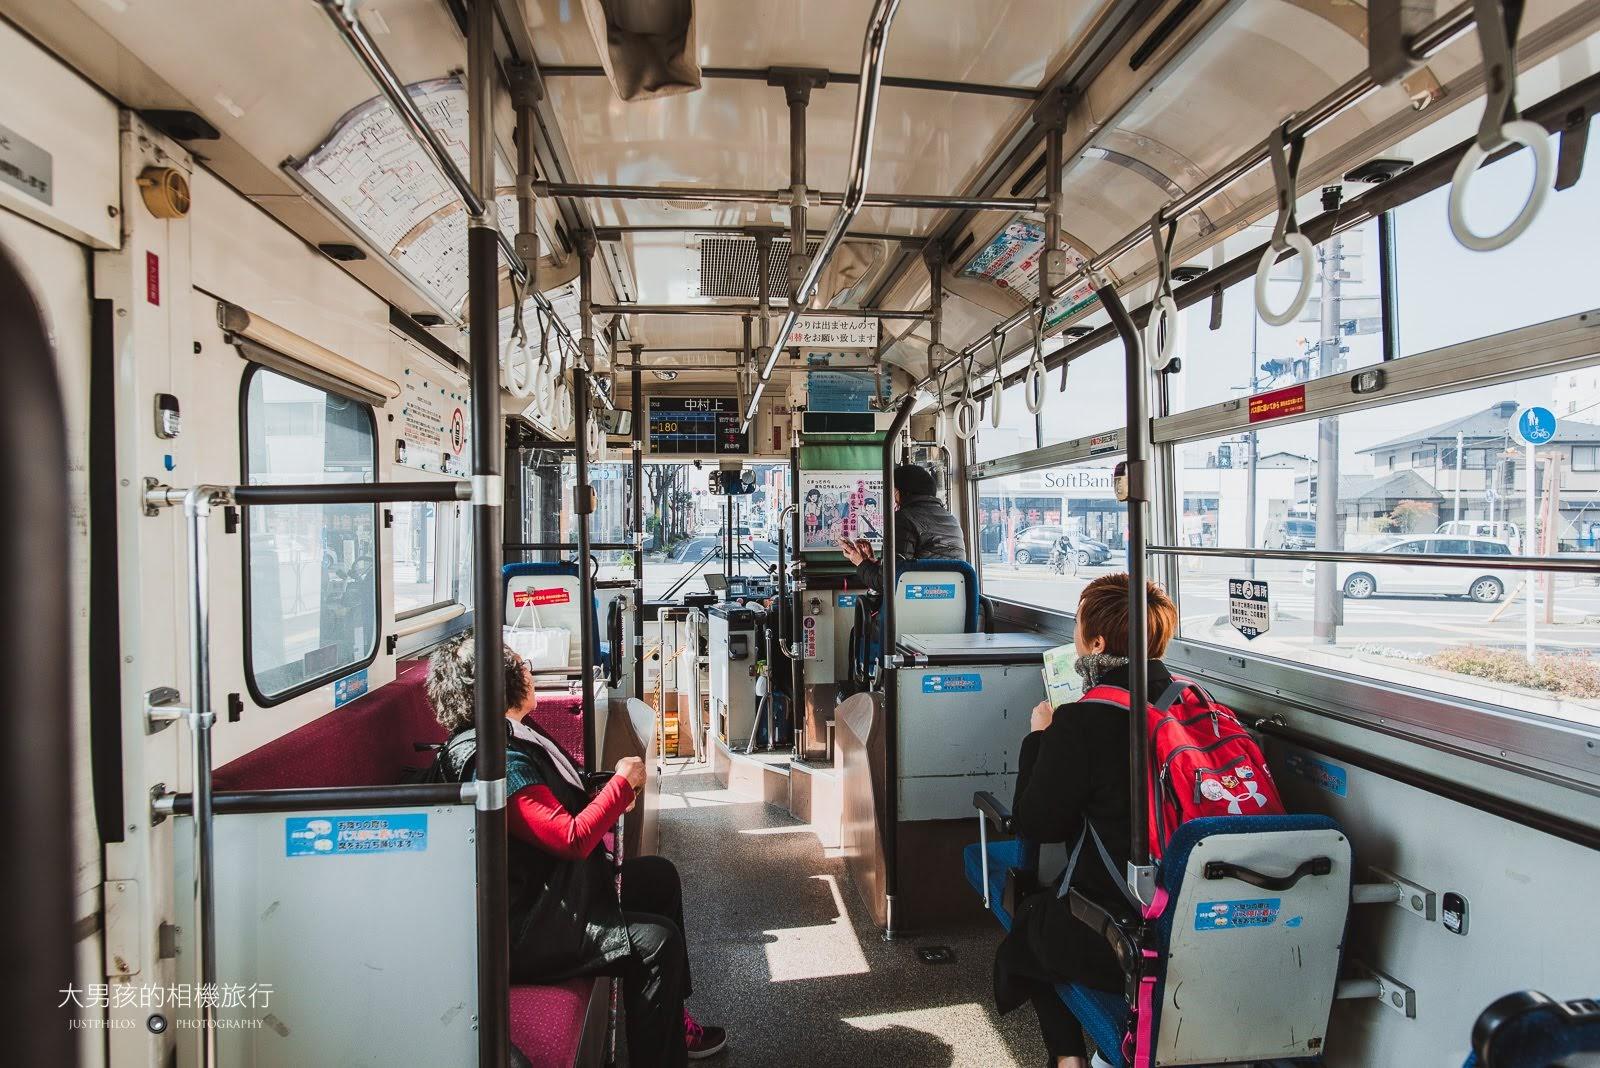 平時車上其實沒什麼遊客,跟我們同行的也是台灣人。